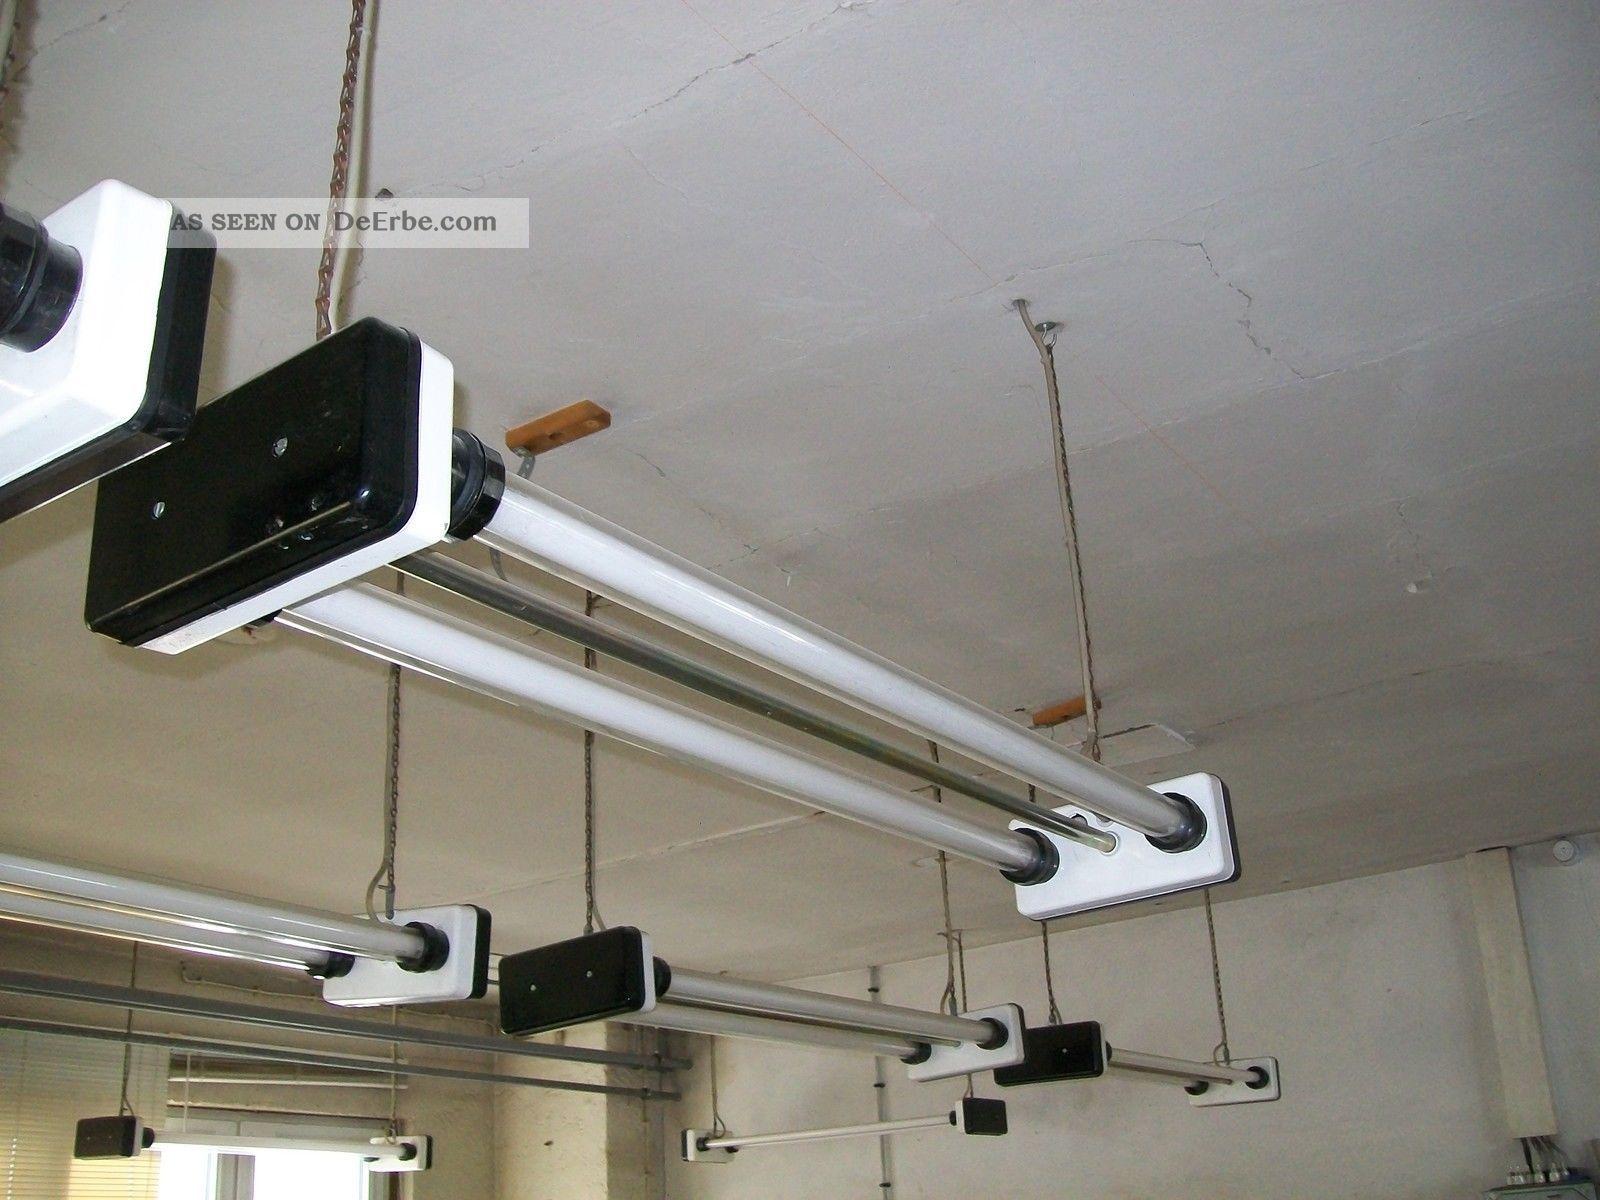 Plafoniere Quadrate Obi : Deckenlampe küche neon aquarium ideen bilder 99 deko für